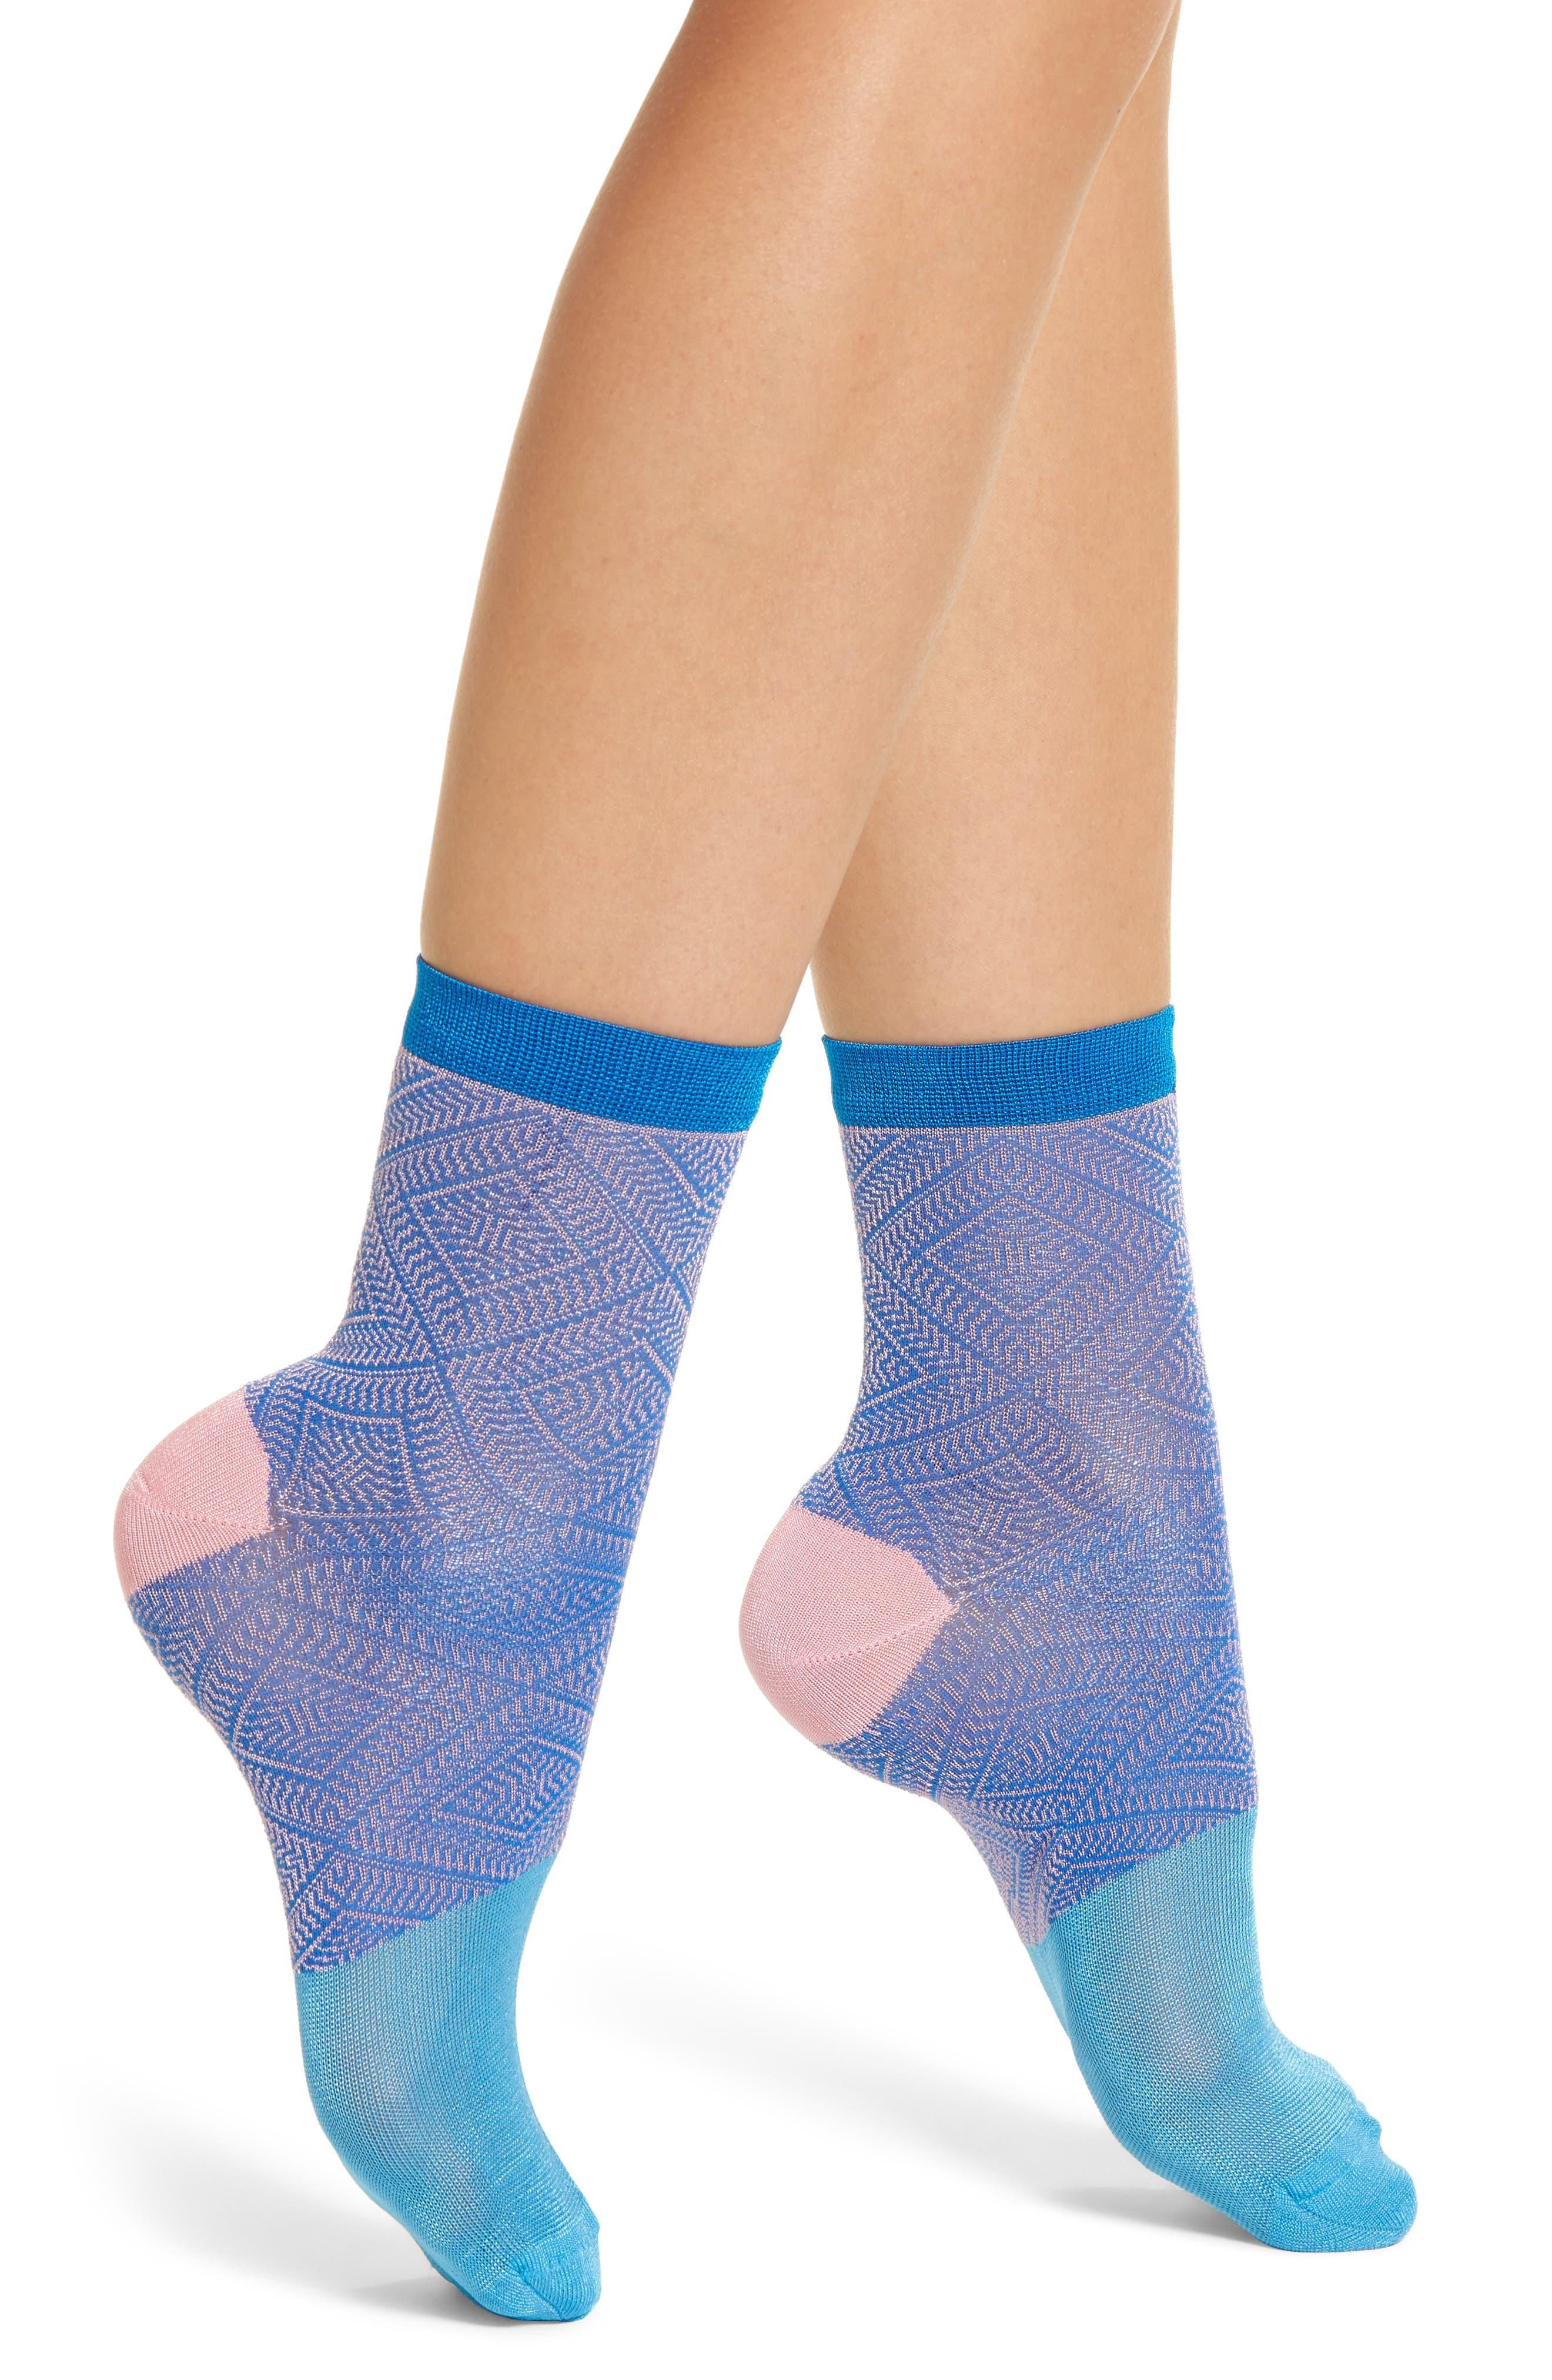 Jill Ankle Socks,                             Main thumbnail 1, color,                             Blue